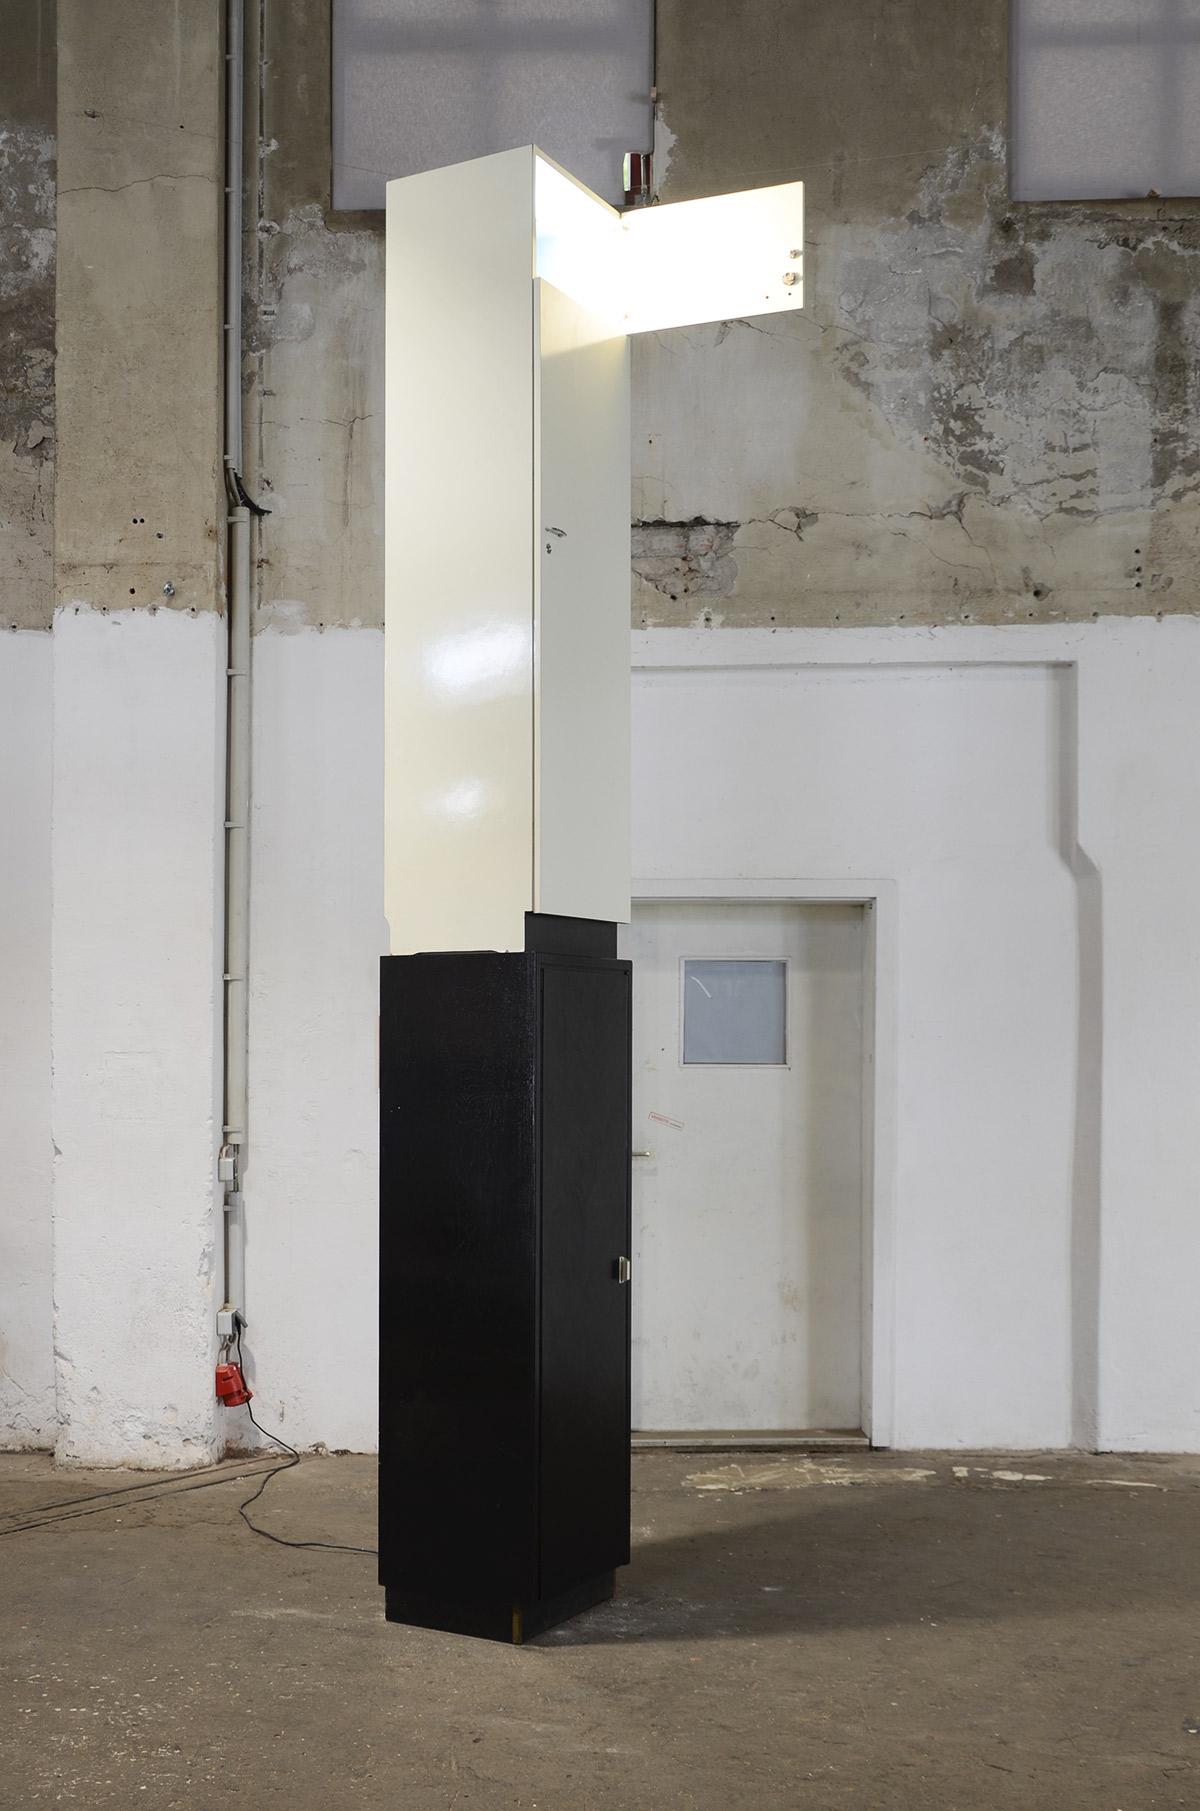 Turm, temporäre Rauminstallation, 2 Besenschränke, Halogenstrahler, Elektrokabel, Zeitrelais,  370 cm x  45 cm x 52 cm, 2020, Ausstellungsansicht 2: GEH8, Dresden, 2020